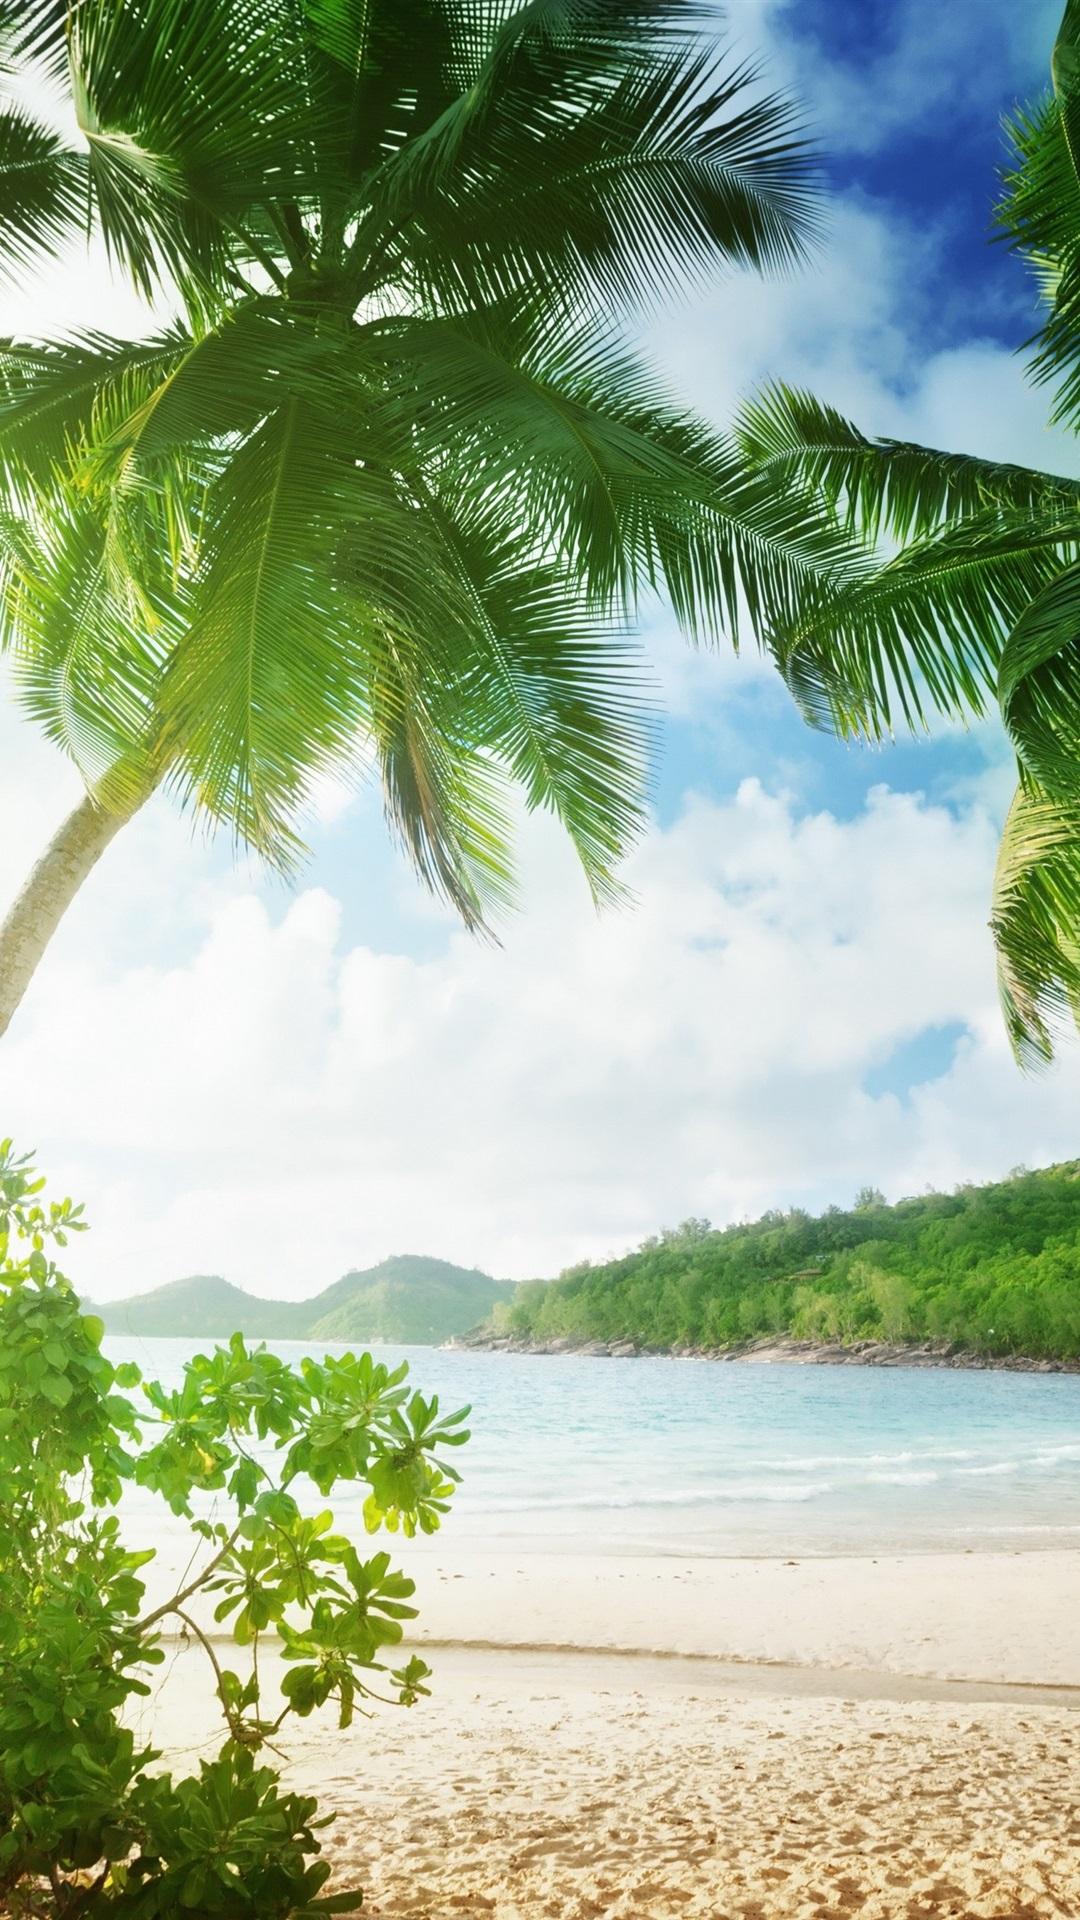 トロピカルビーチ ヤシの木 砂 海 海岸 雲 1080x19 Iphone 8 7 6 6s Plus 壁紙 背景 画像